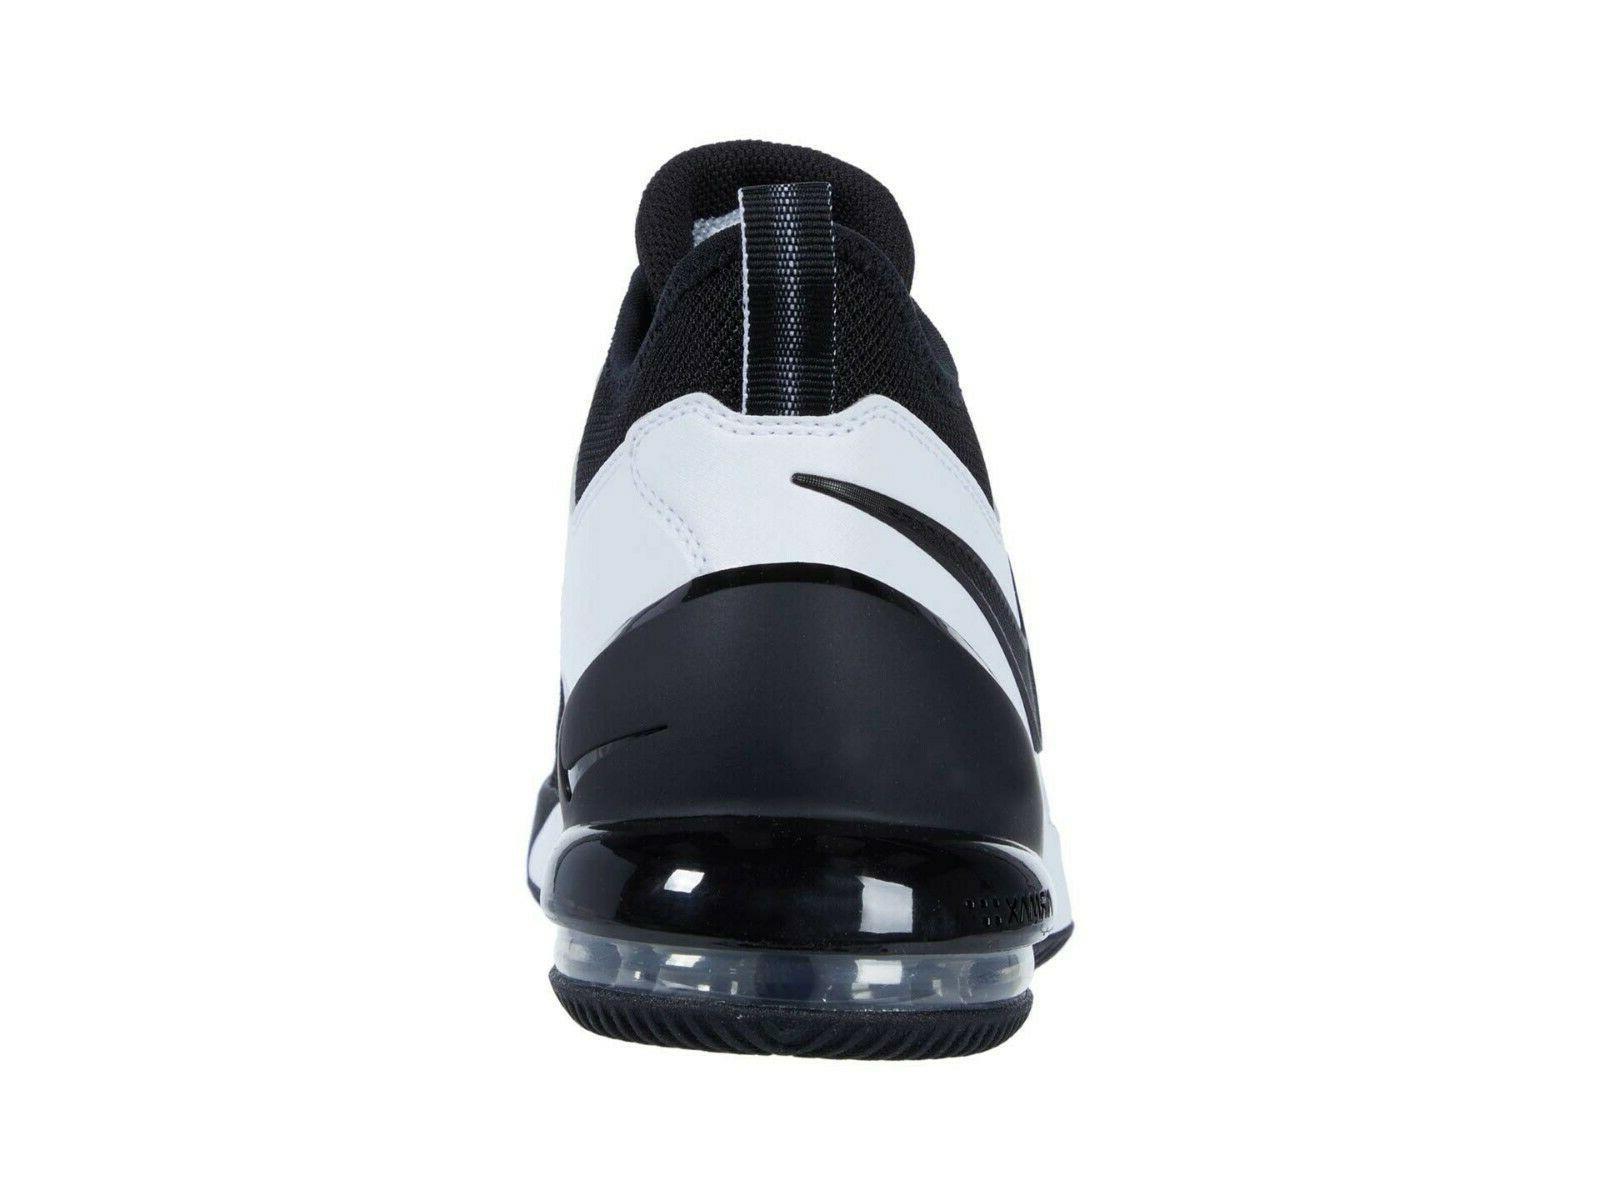 Nike AIR MAX Mens Black/Black-White CI1396-004 Shoes